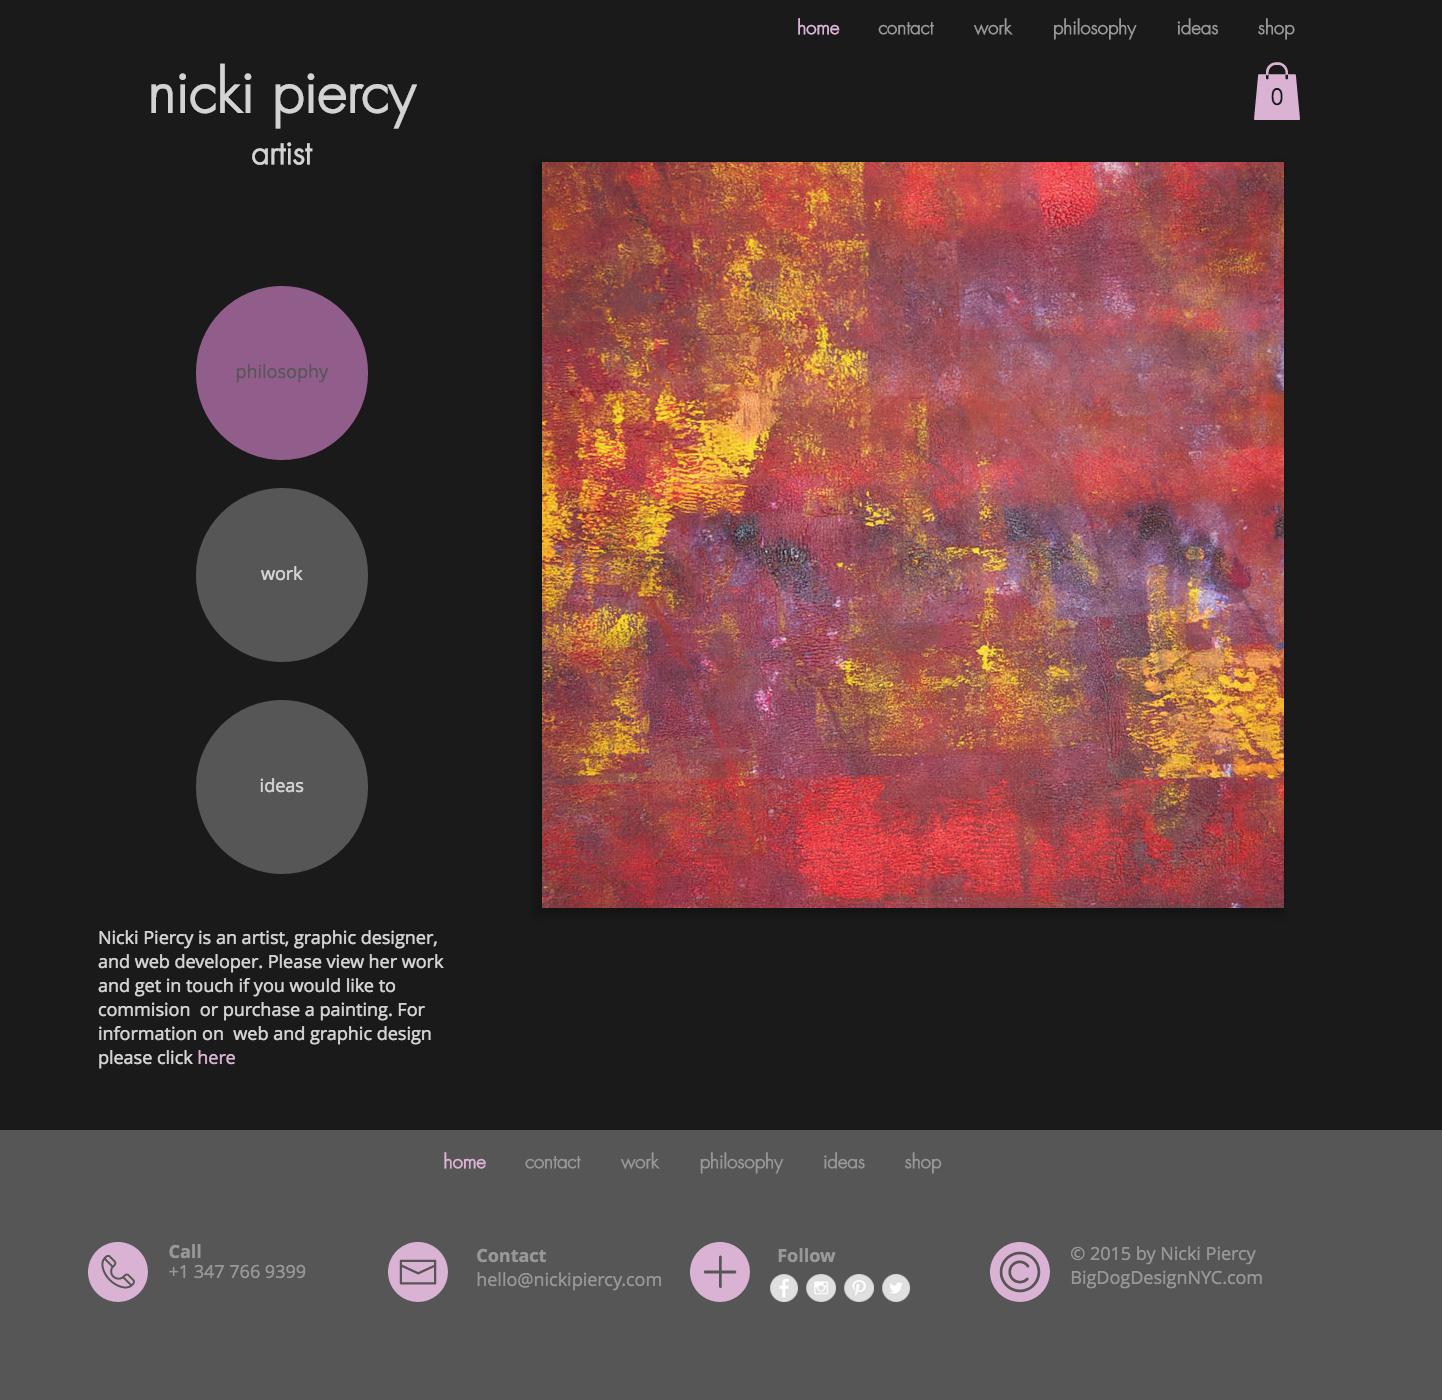 Nicki Piercy | Artist | Website